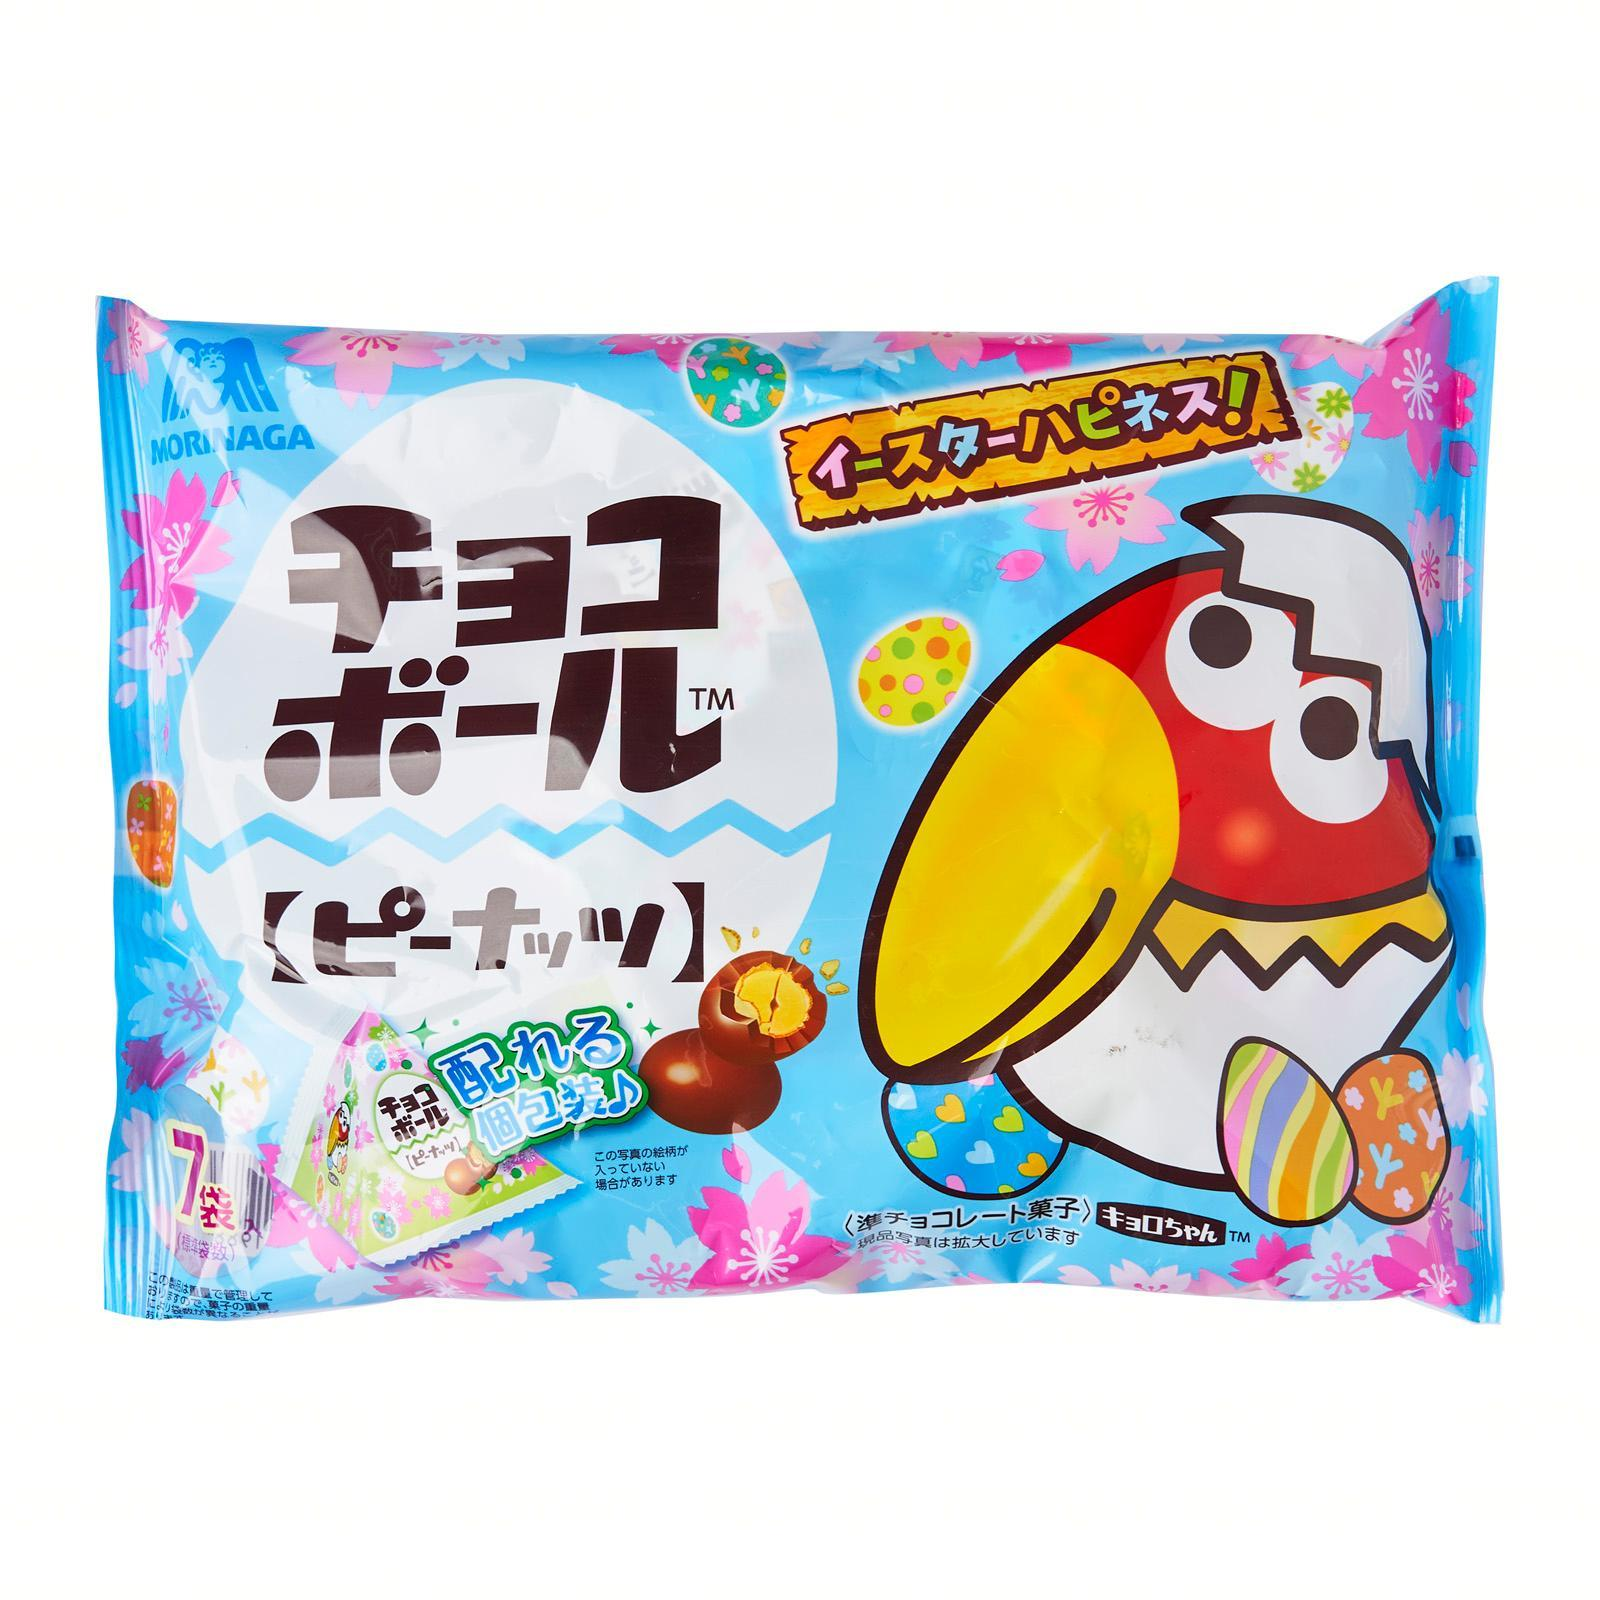 Morinaga Family Size Choco ball Peanuts